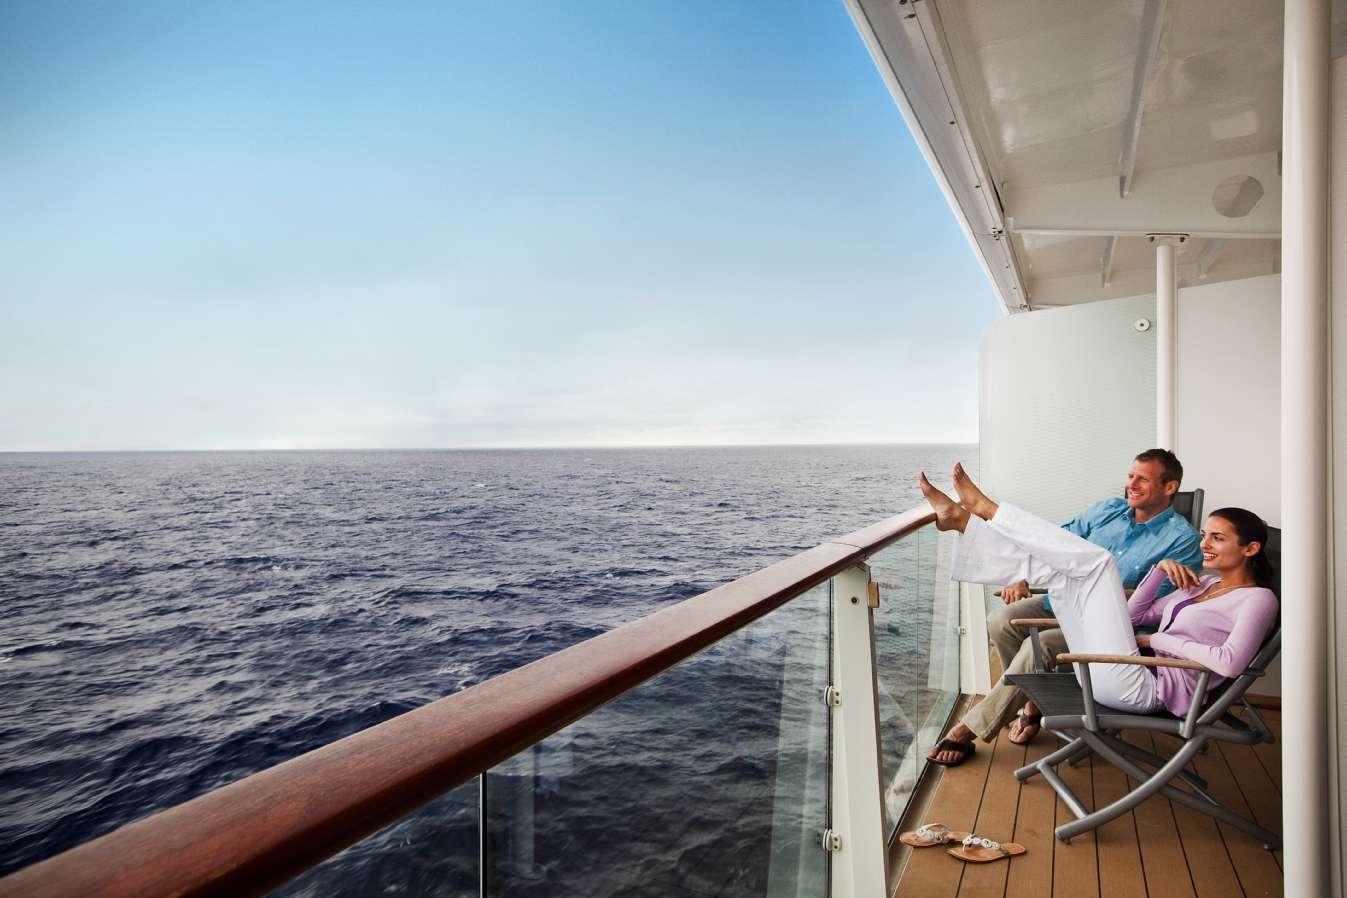 Projeto EDGE mudará concepção de navios da Celebrity Cruises Foto: Celebrity Cruises/Divulgação